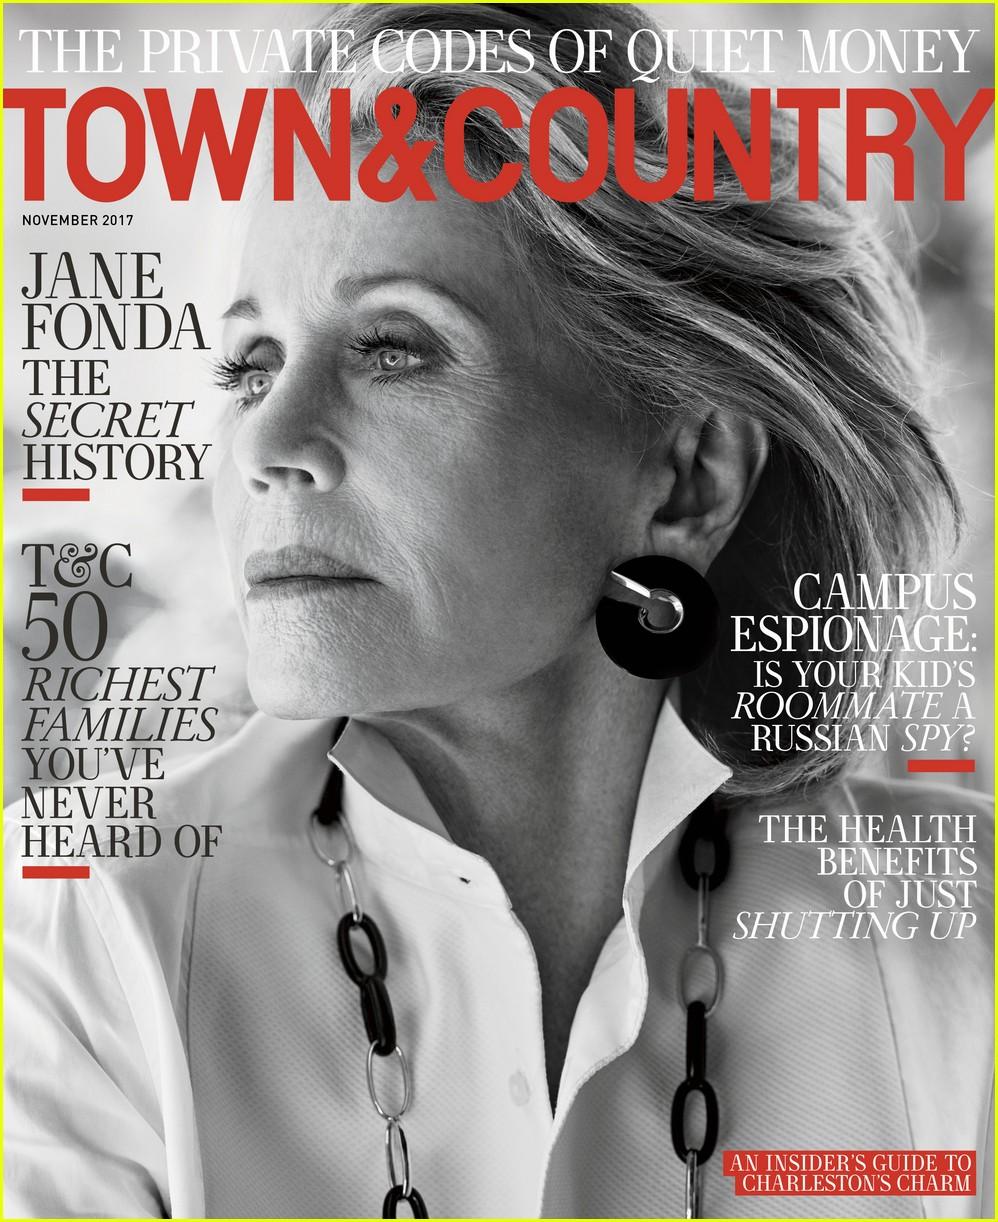 jane-fonda-town-country-magazine-01